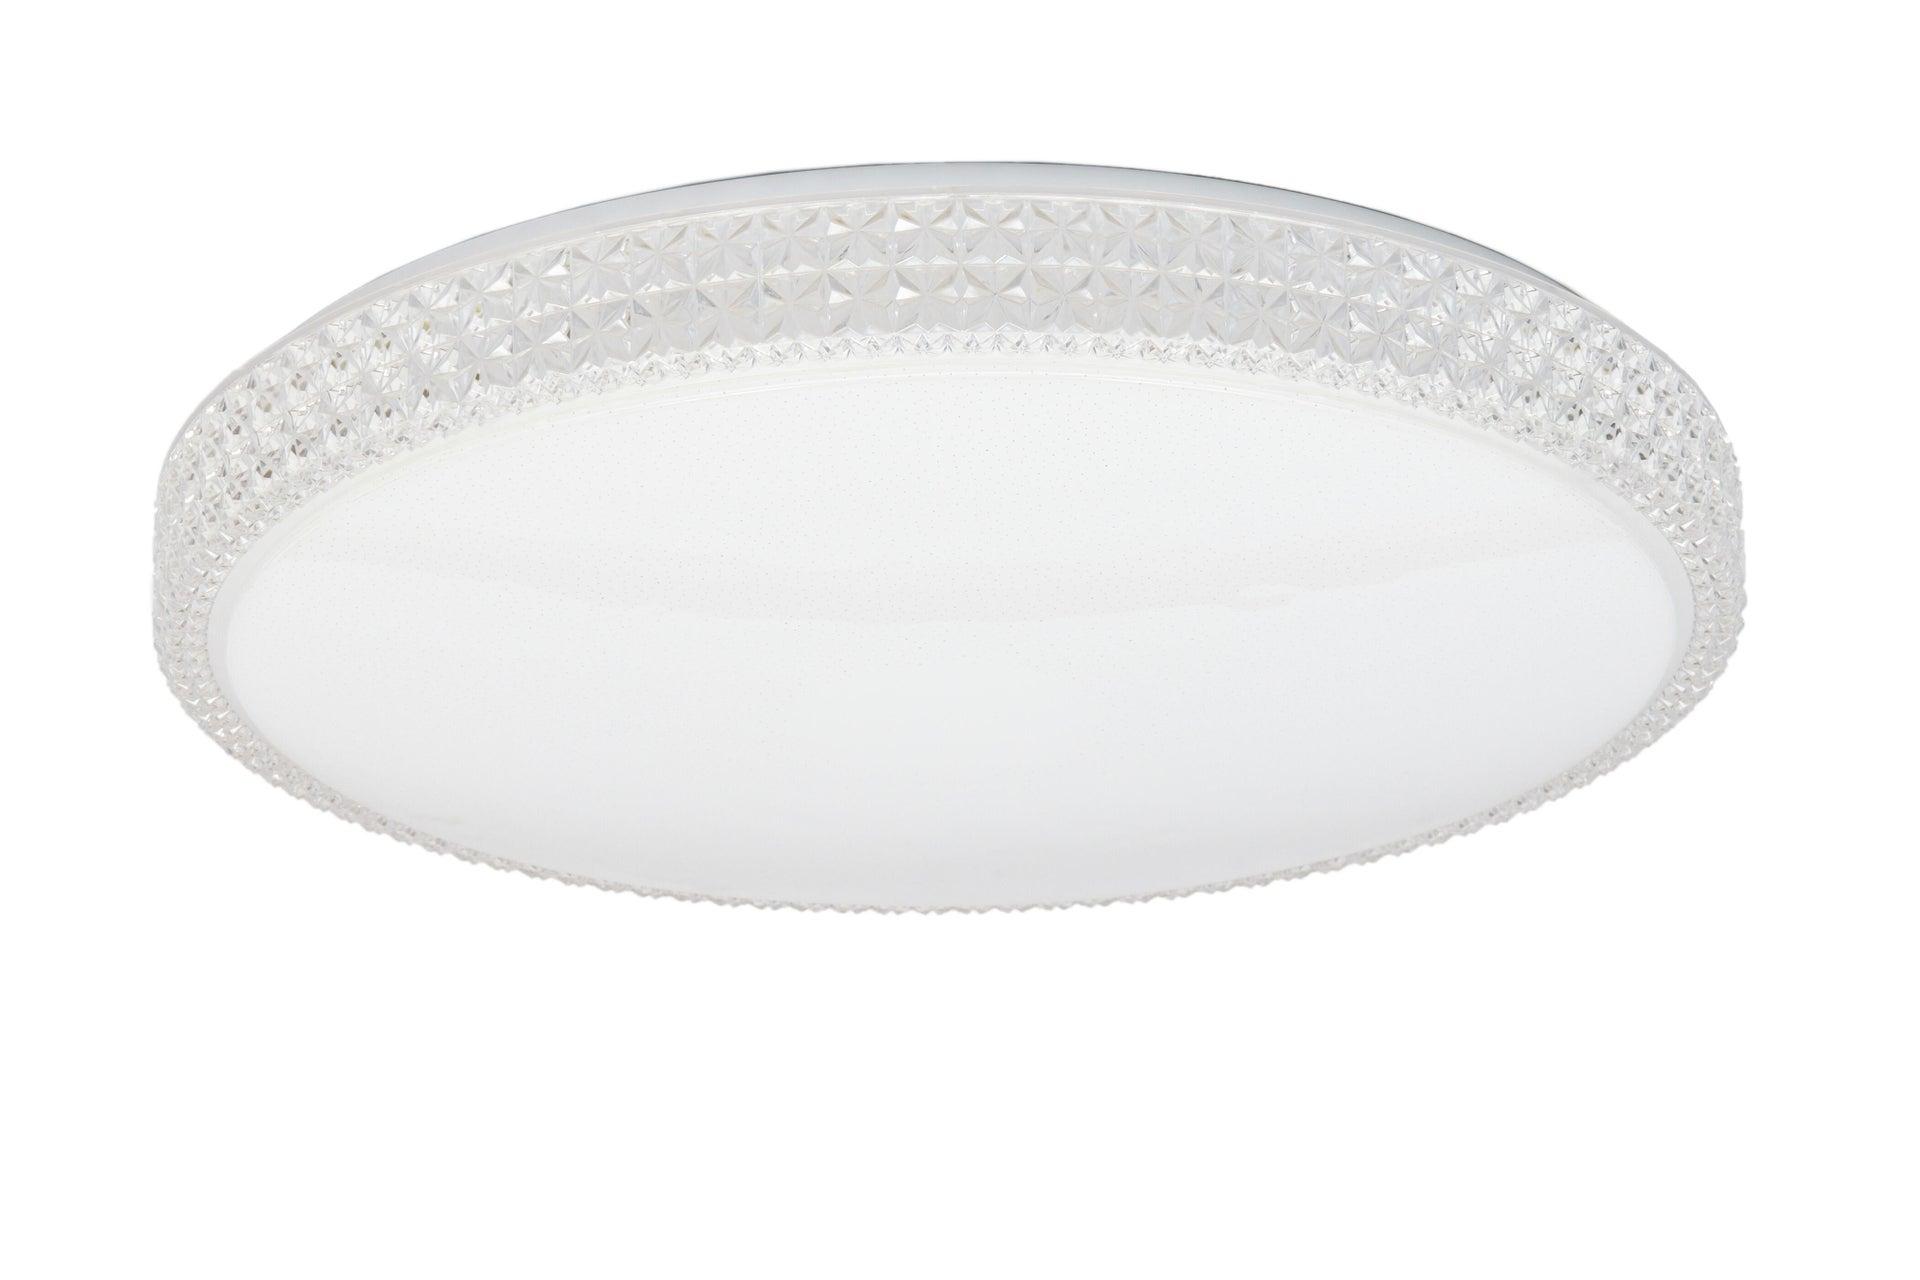 Plafoniera neoclassico Soledad LED integrato bianco D. 60 cm - 9